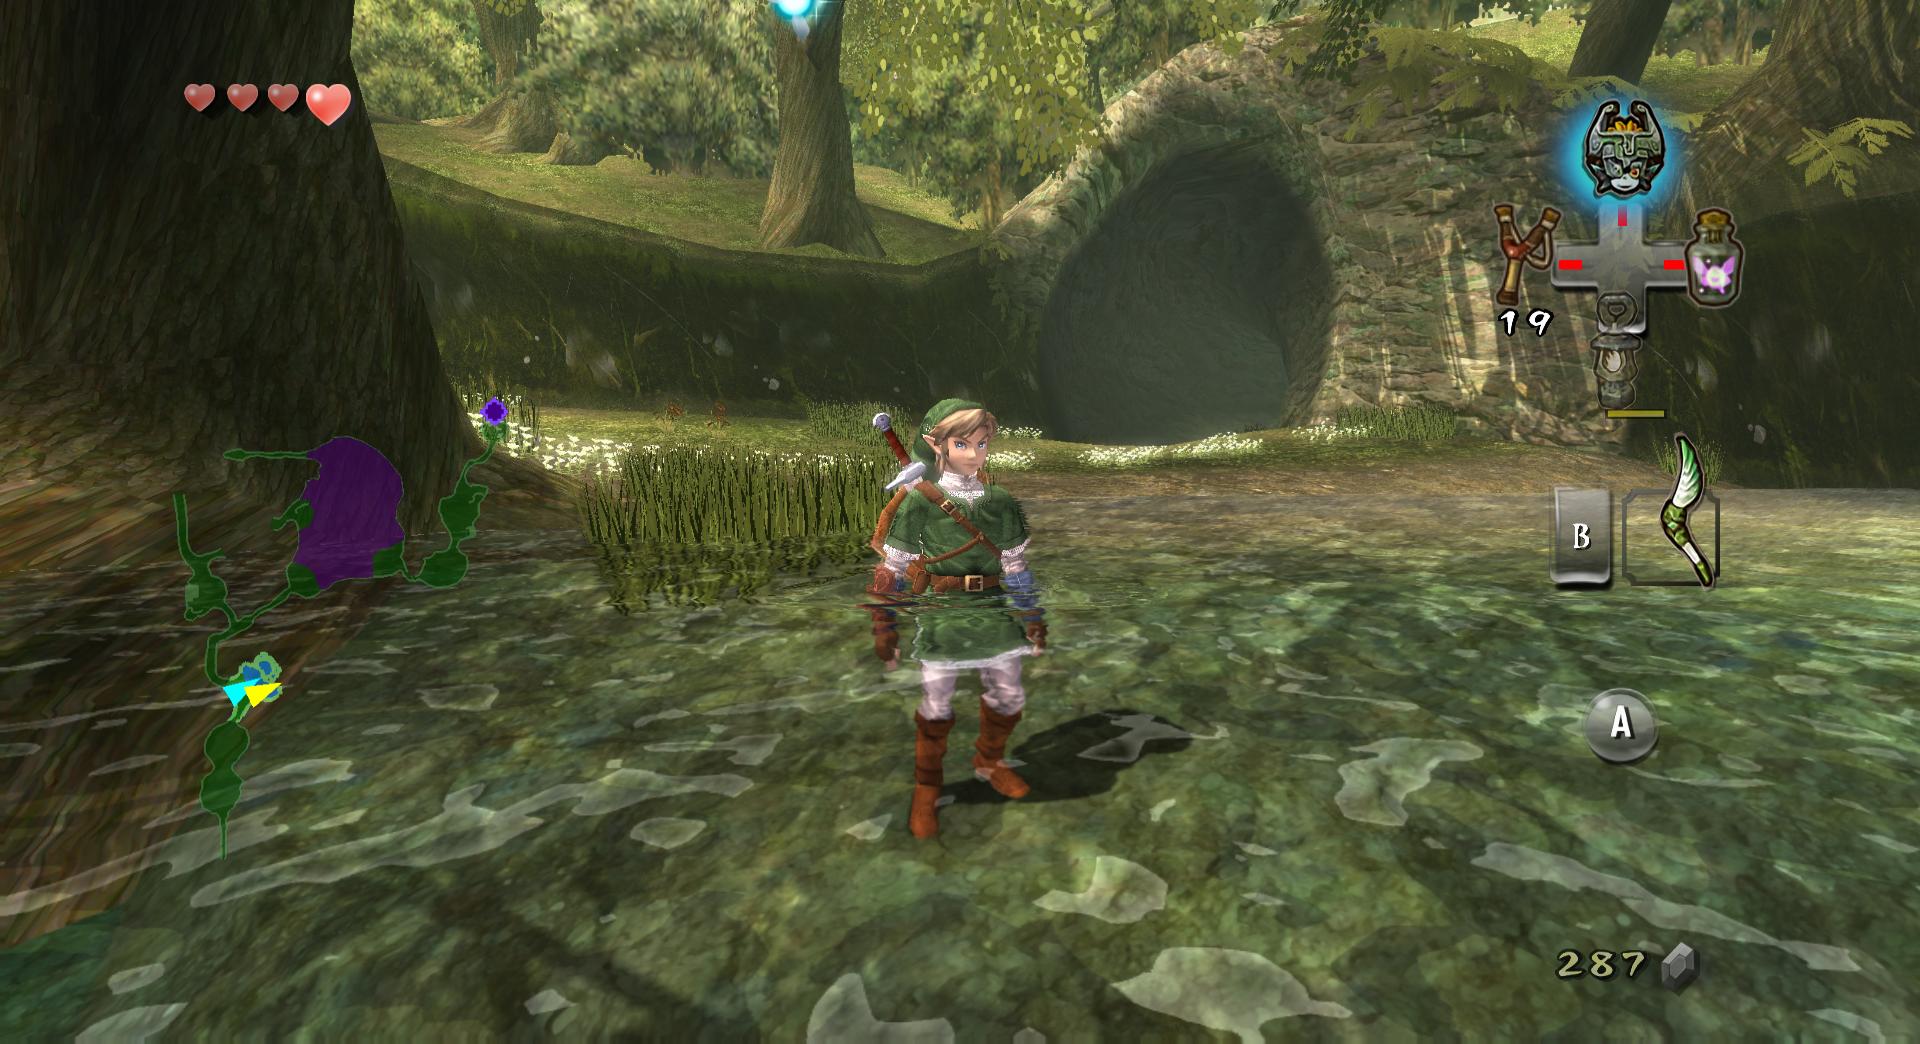 Zelda twilight princess texture pack | LoZ: Twilight Princess